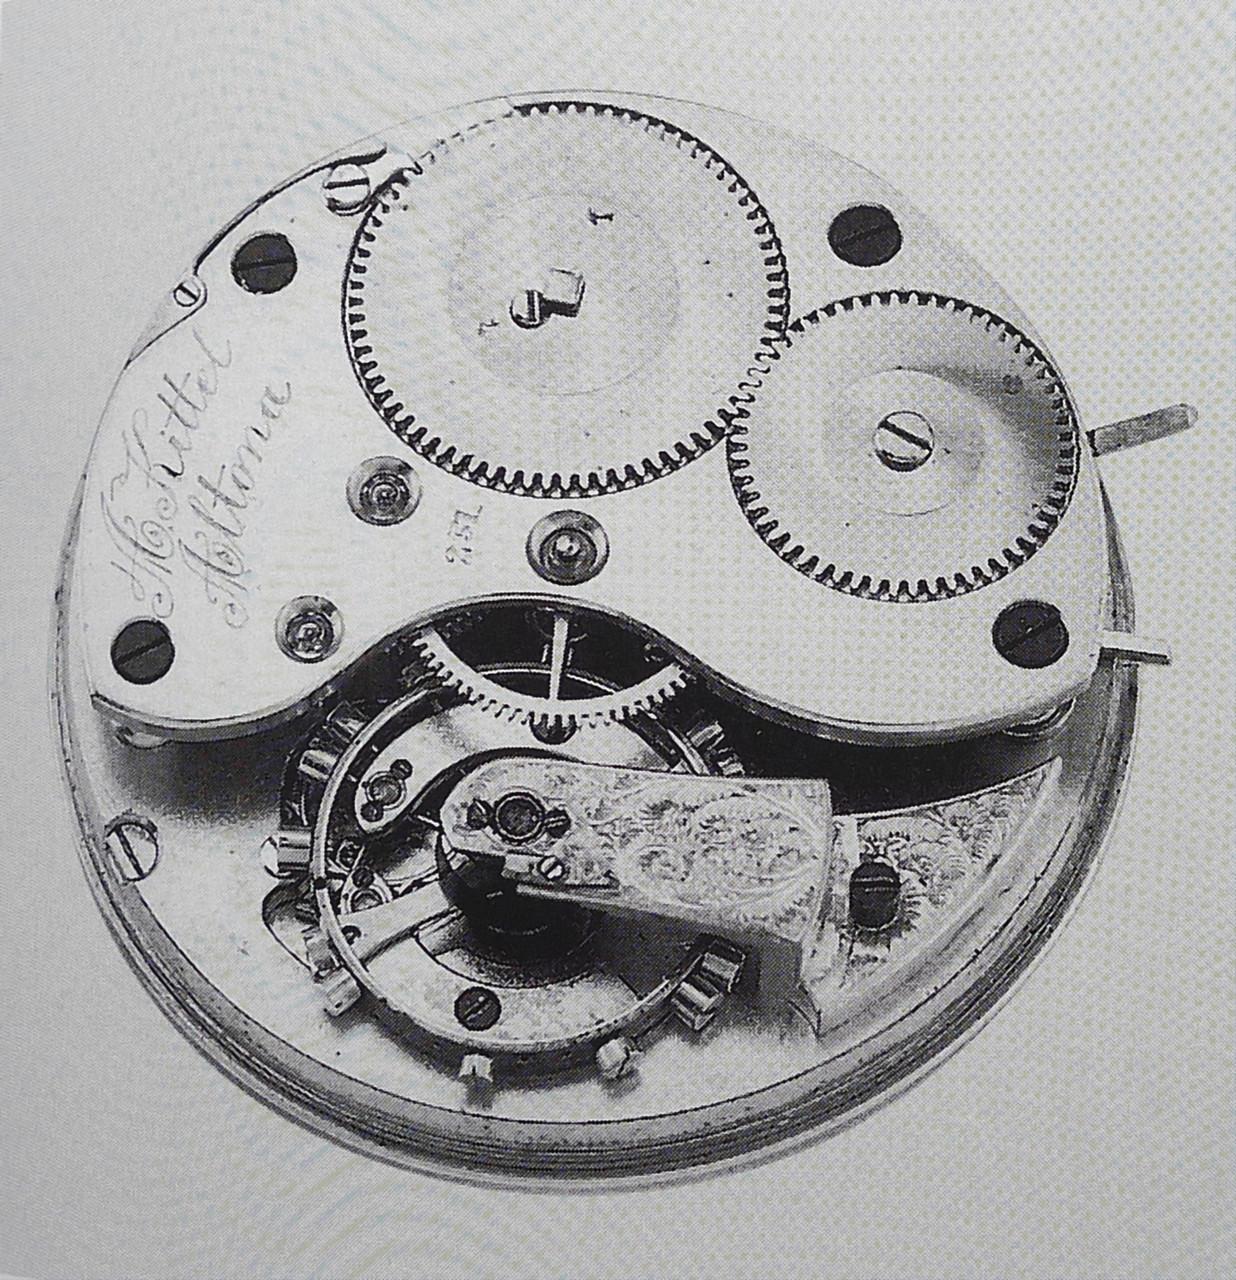 Vergleichs-Taschenchronometer Nr.251 mit DUF-Platine & Wippe nach L. Berthoud